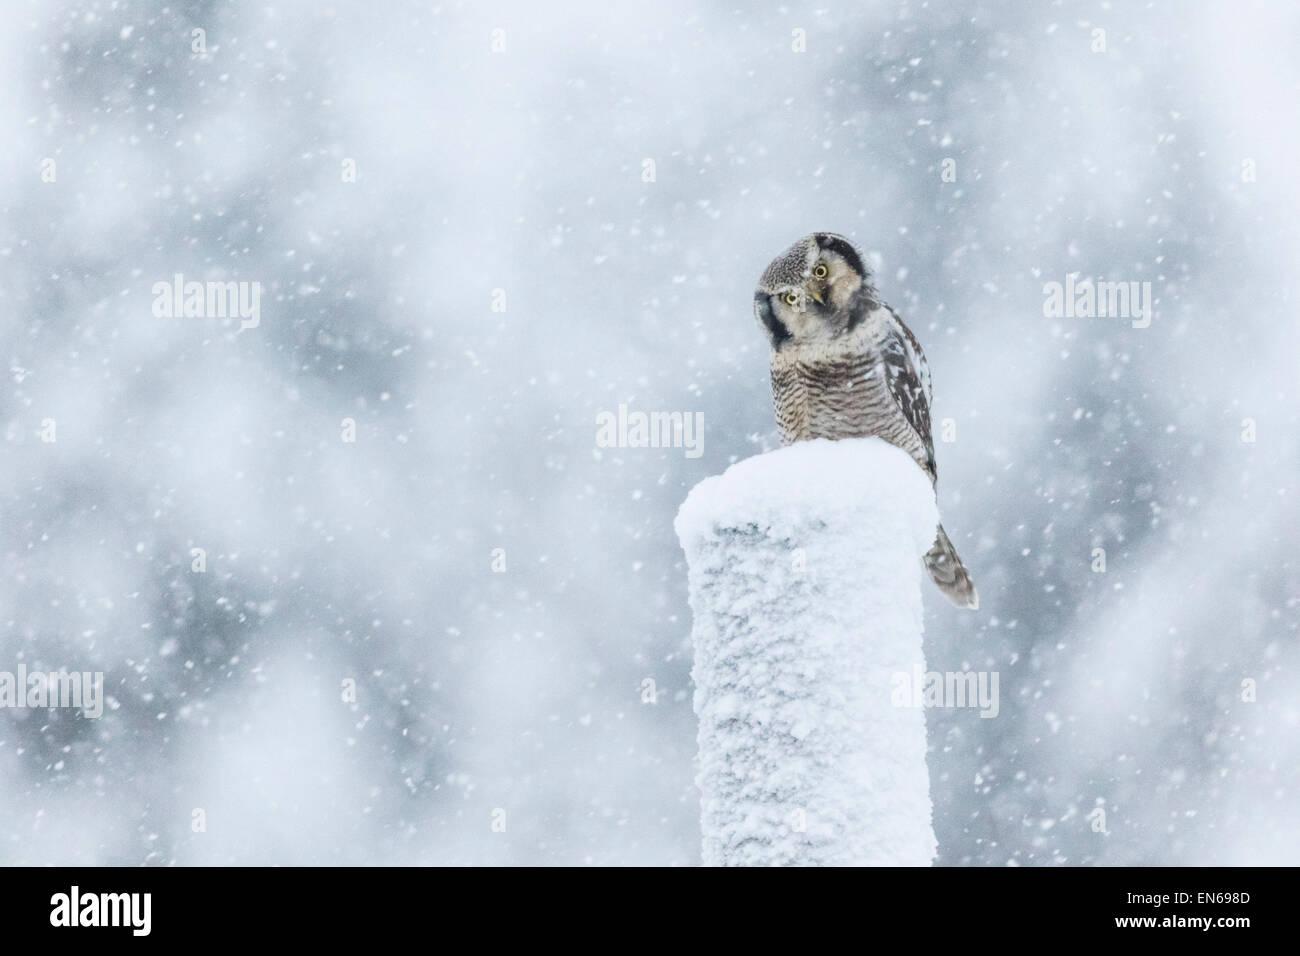 Nördlichen Sperbereule, Surnia Ulula, sitzt auf einem Telefonmast im Schneesturm, Blick in die Kamera, Gällivare, Stockbild